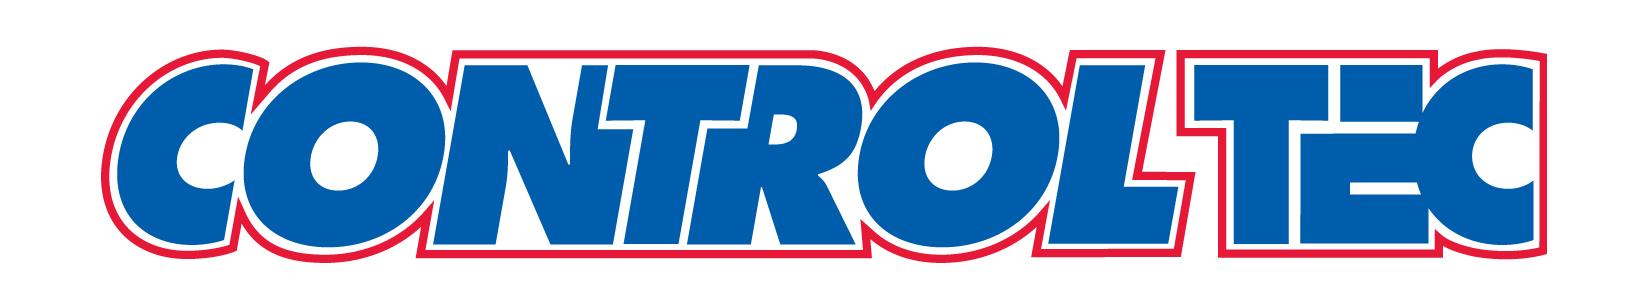 Controltec, Inc.